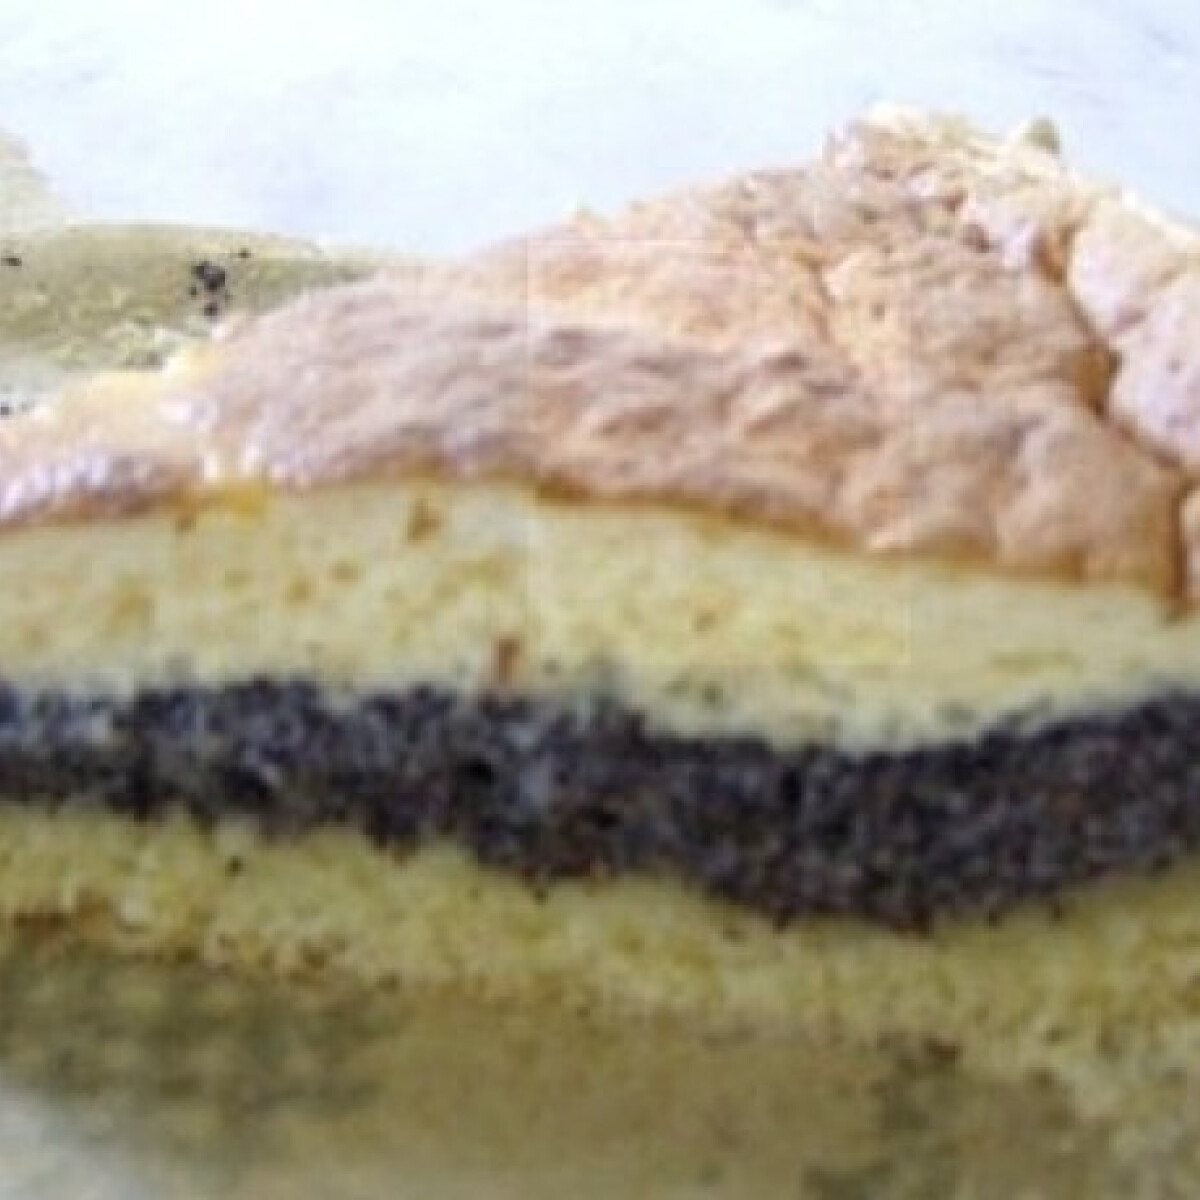 Ezen a képen: Tojásos mákos süteményt